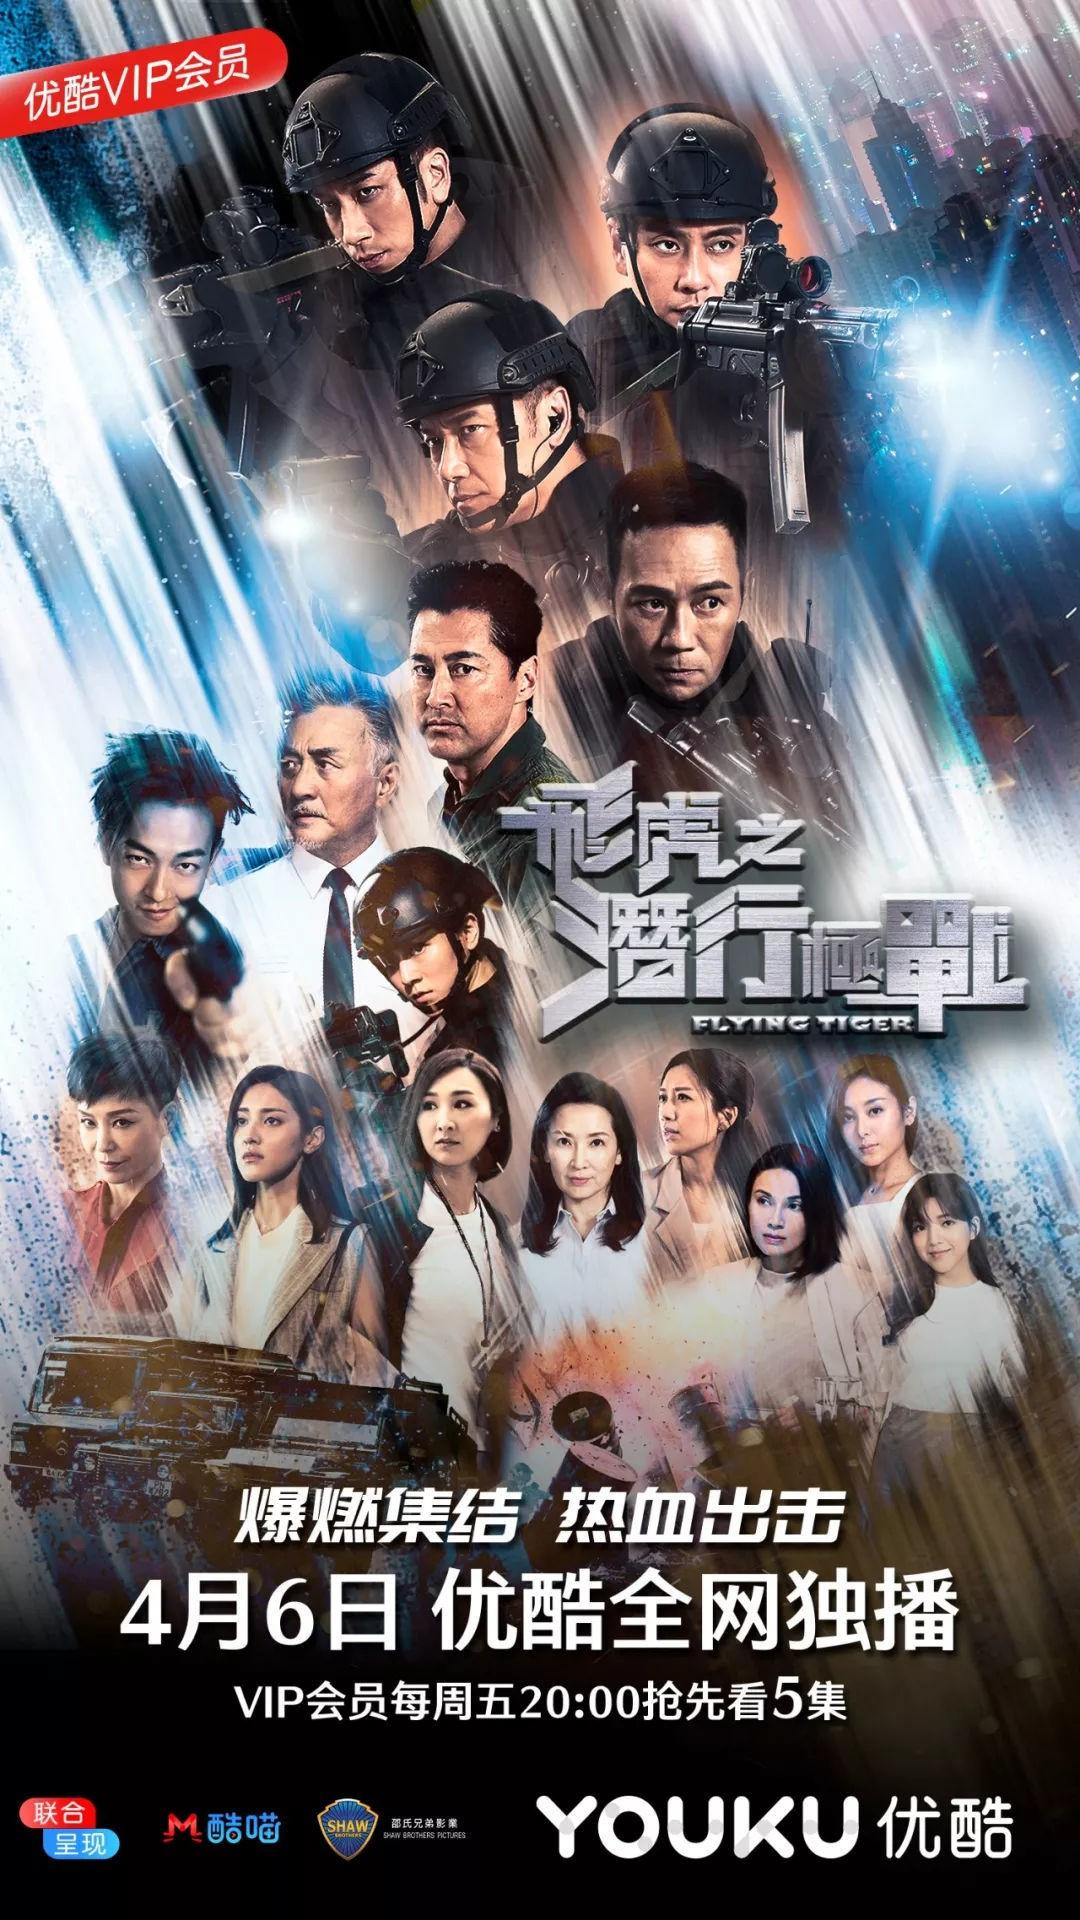 Truyền hình Trung tháng 4: Tâm điểm dồn vào Thái Từ Khôn - mỹ nam Idol Producer - Ảnh 3.